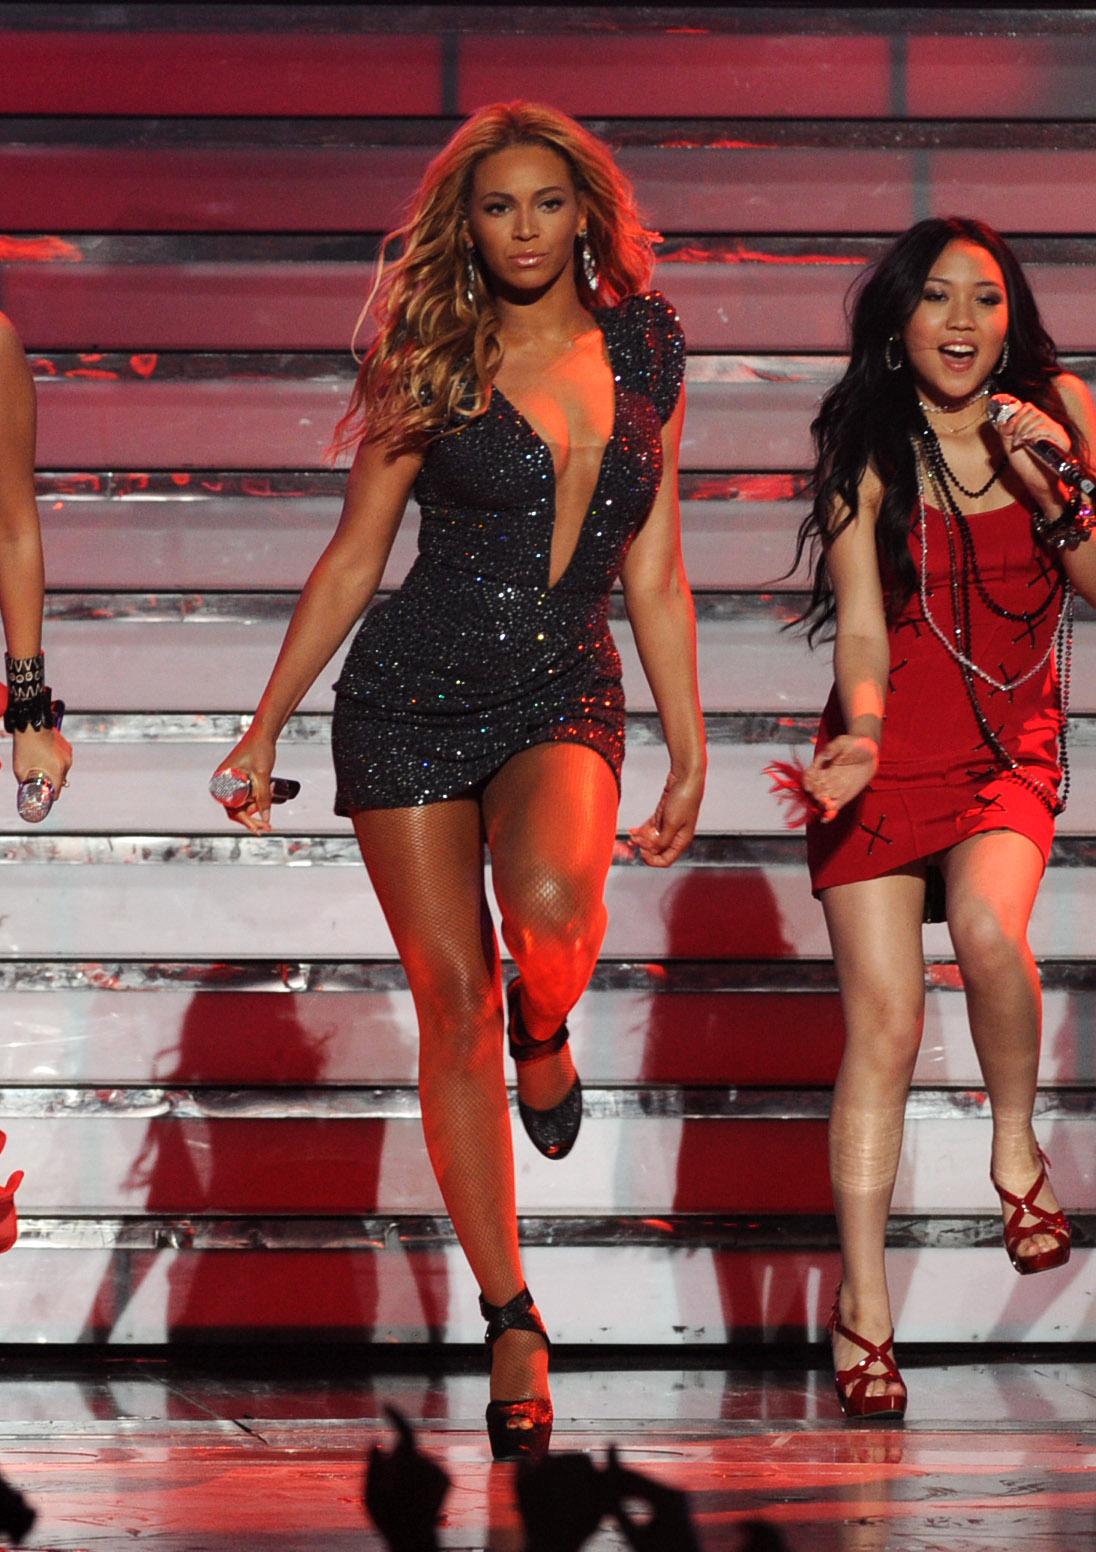 http://2.bp.blogspot.com/-Etrwlj6kpVE/TeGD7g8B6VI/AAAAAAAAAHk/z5s7Yn5wPOw/s1600/Beyonce-2.jpg